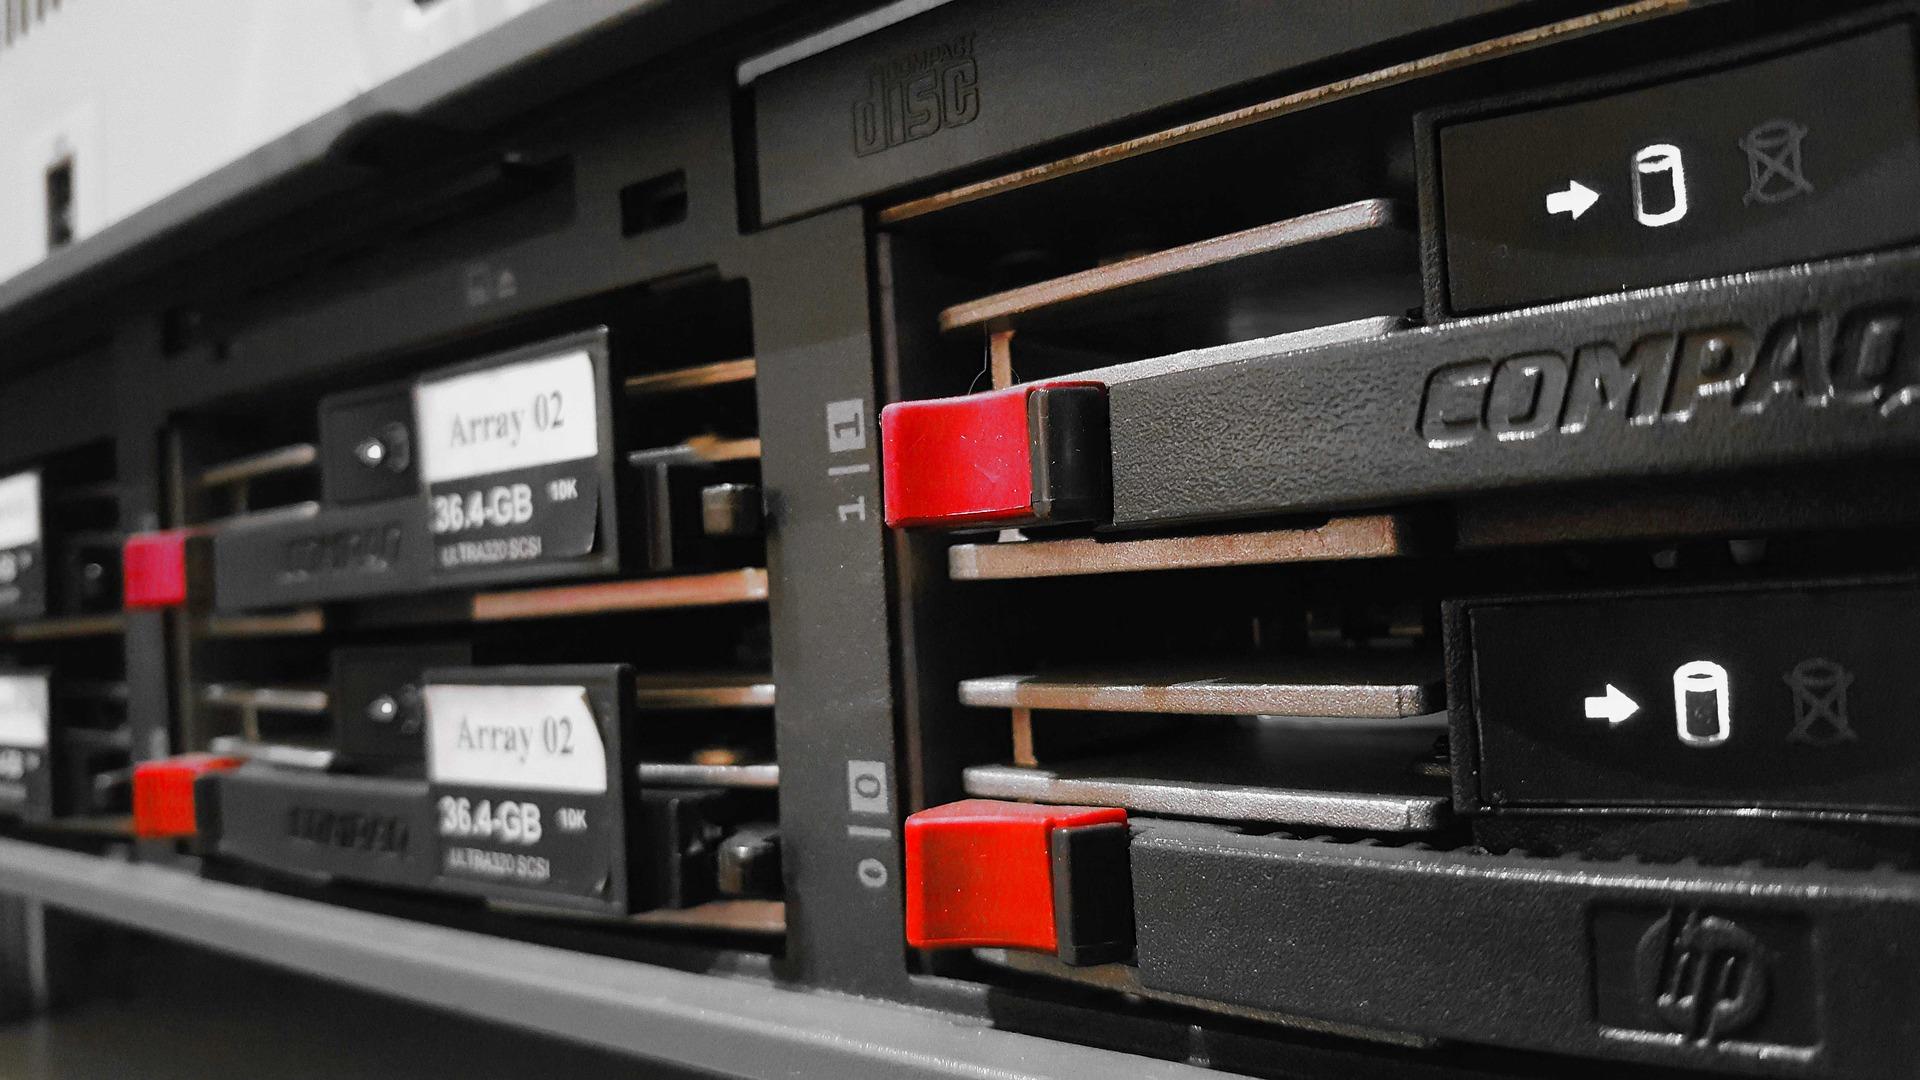 prestataire informatique maintenance serveur paris